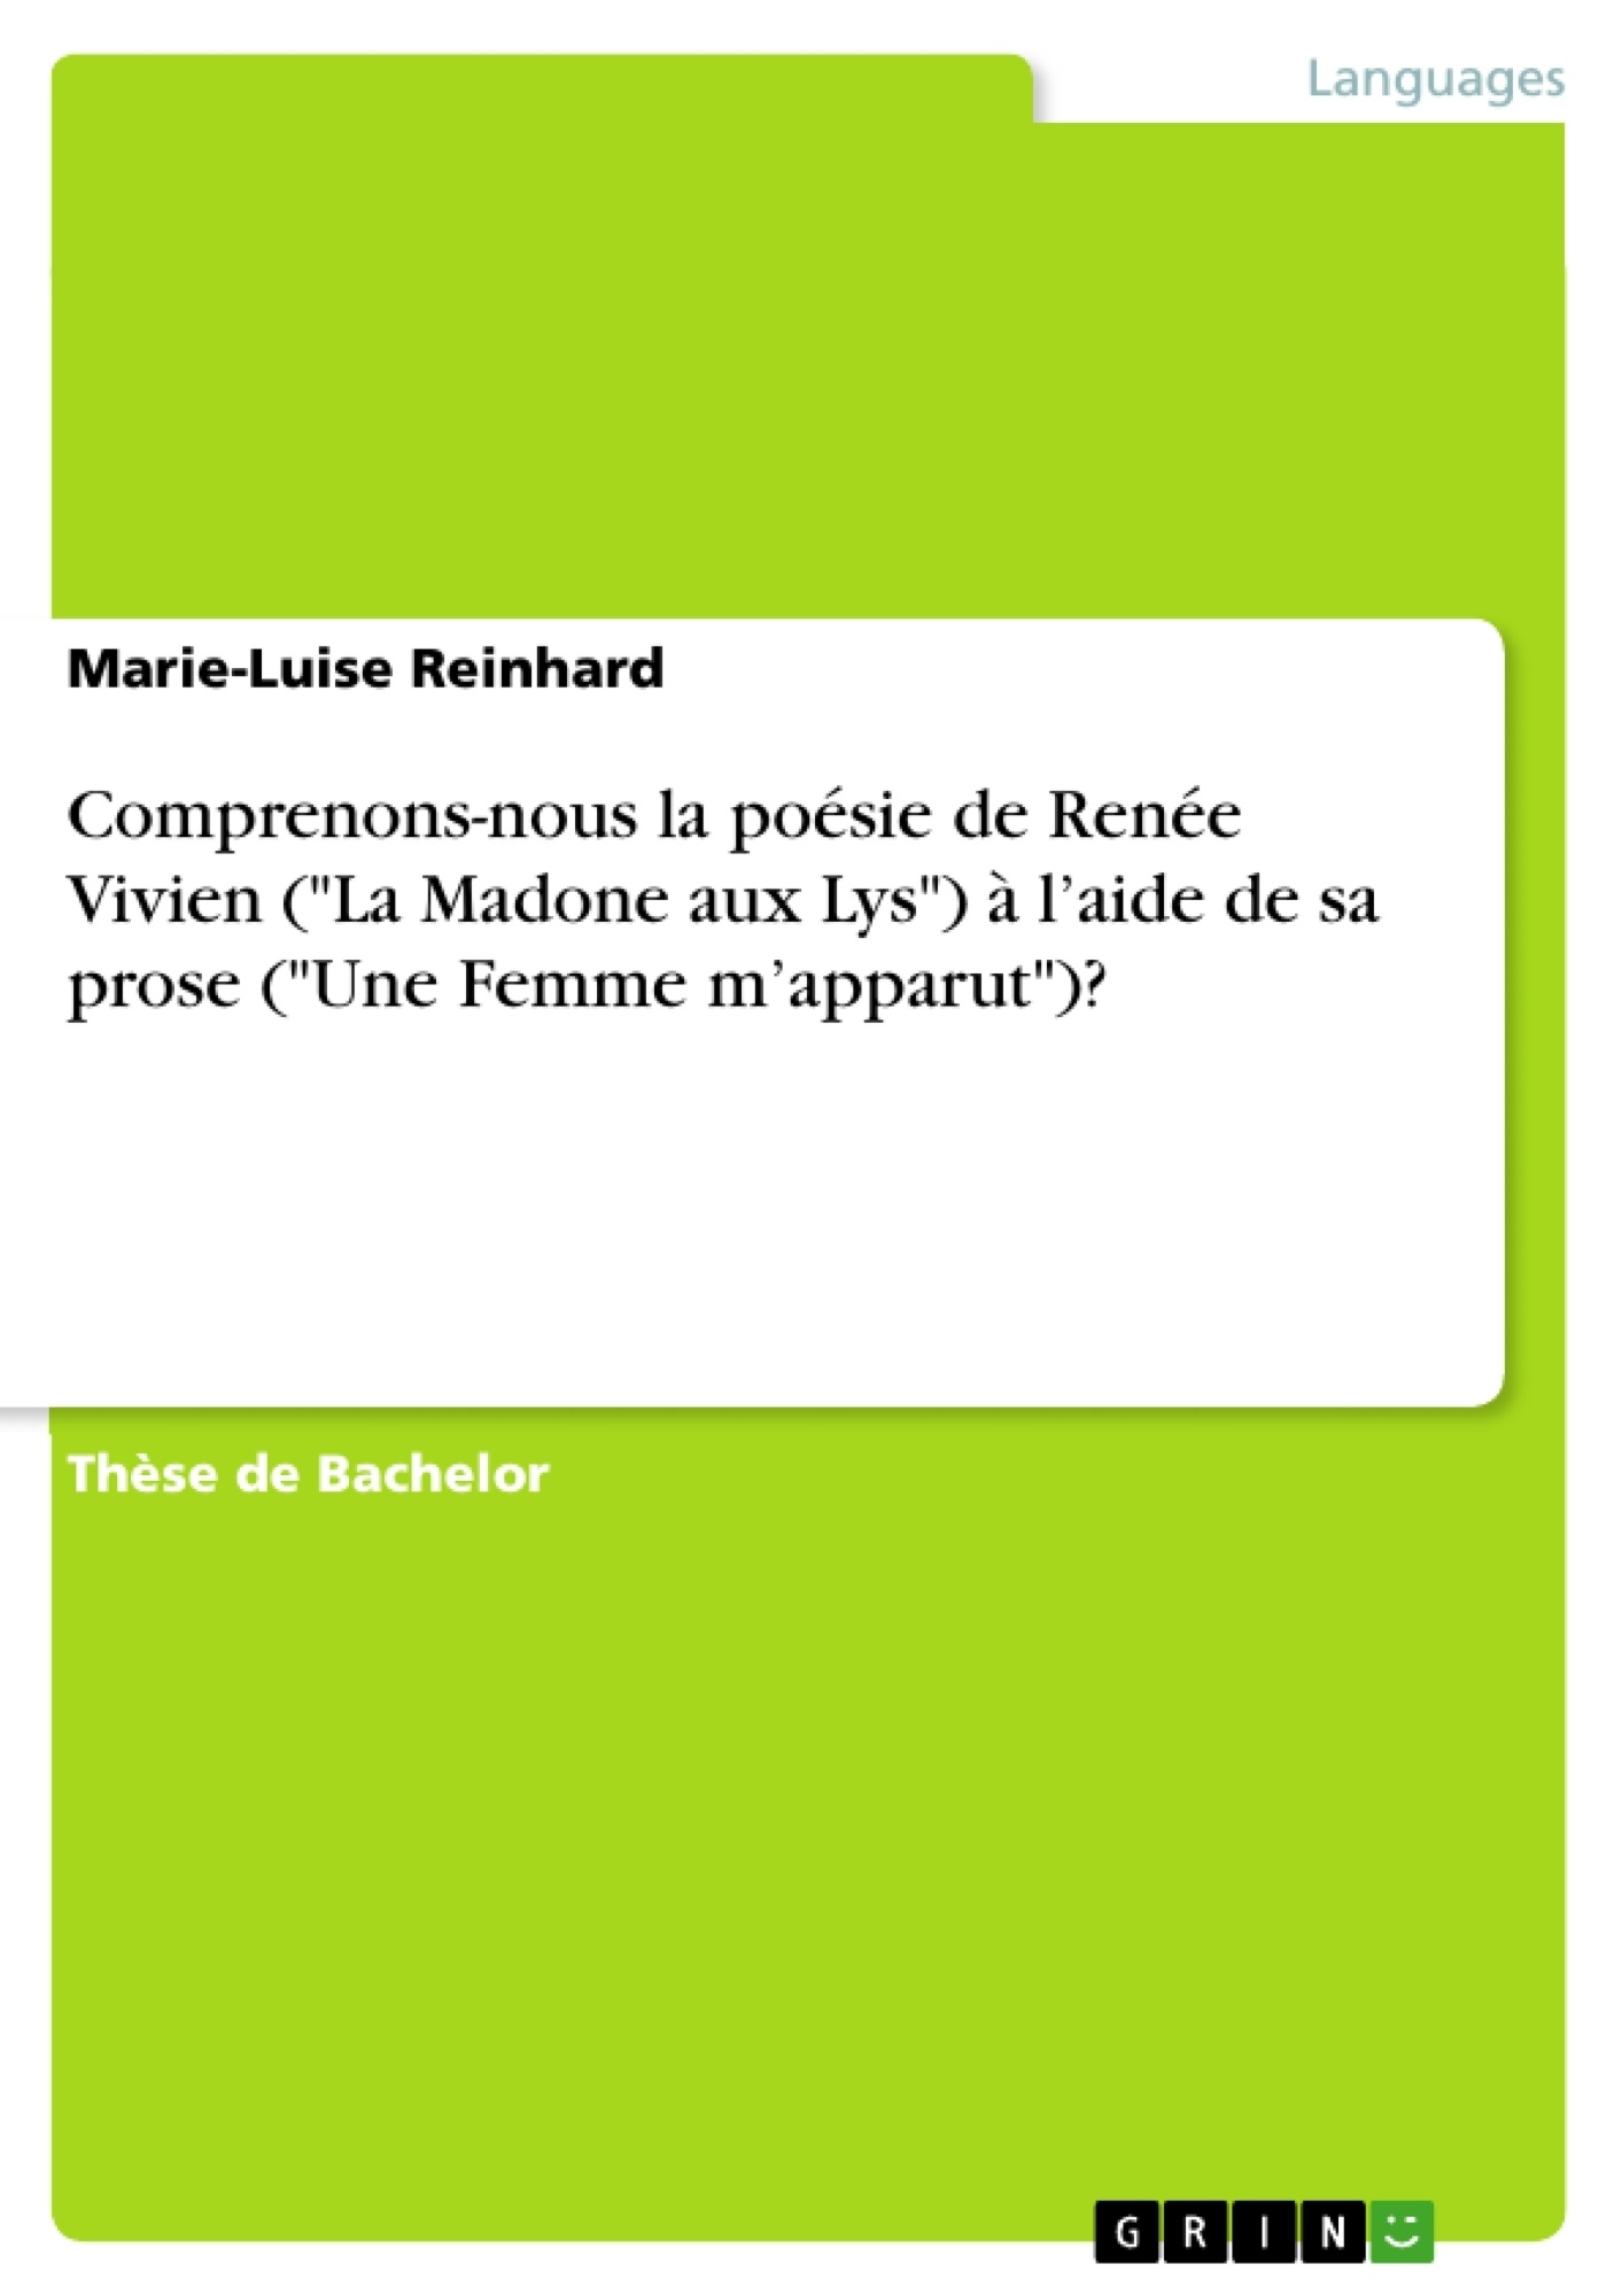 """Titre: Comprenons-nous la poésie de Renée Vivien (""""La Madone aux Lys"""") à l'aide de sa prose (""""Une Femme m'apparut"""")?"""